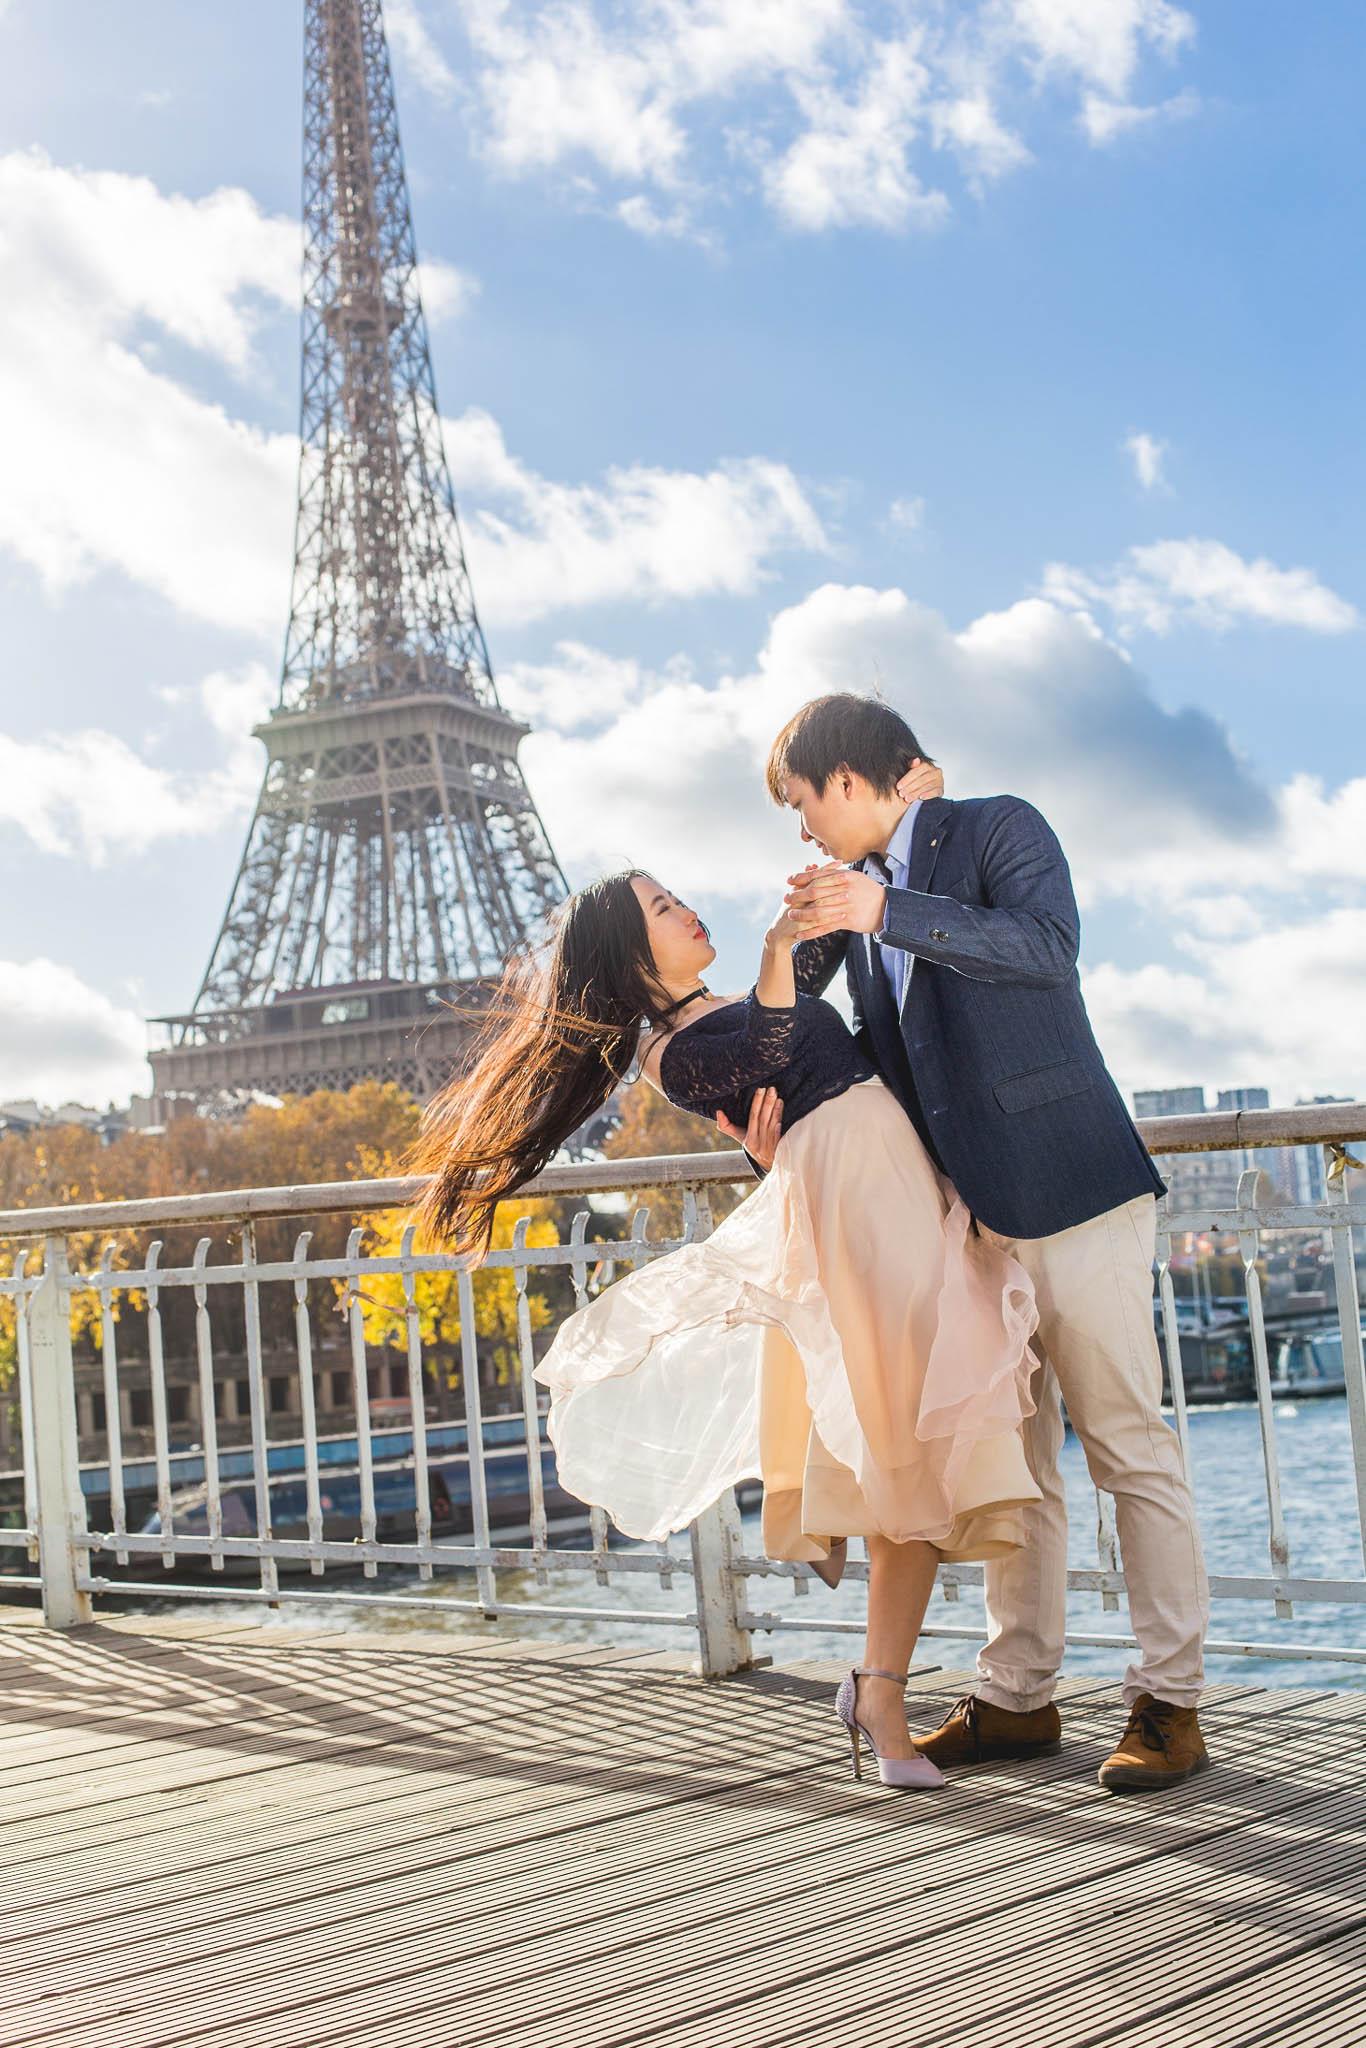 Art_Avec_Amour_Photographe_Mariage_Famille_Paris_France-00096.jpg